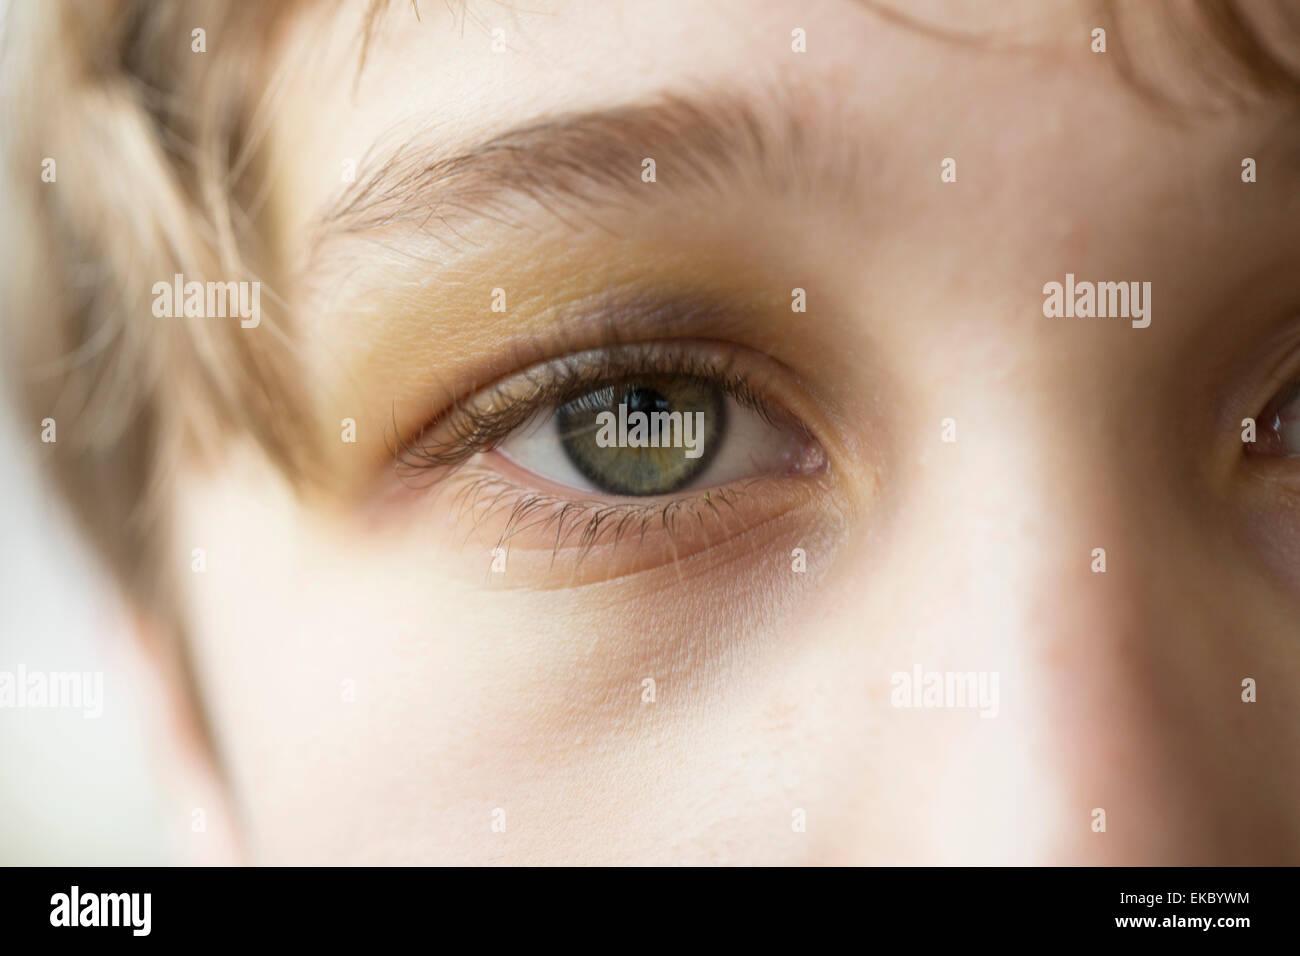 Cerca del ojo del muchacho. Imagen De Stock